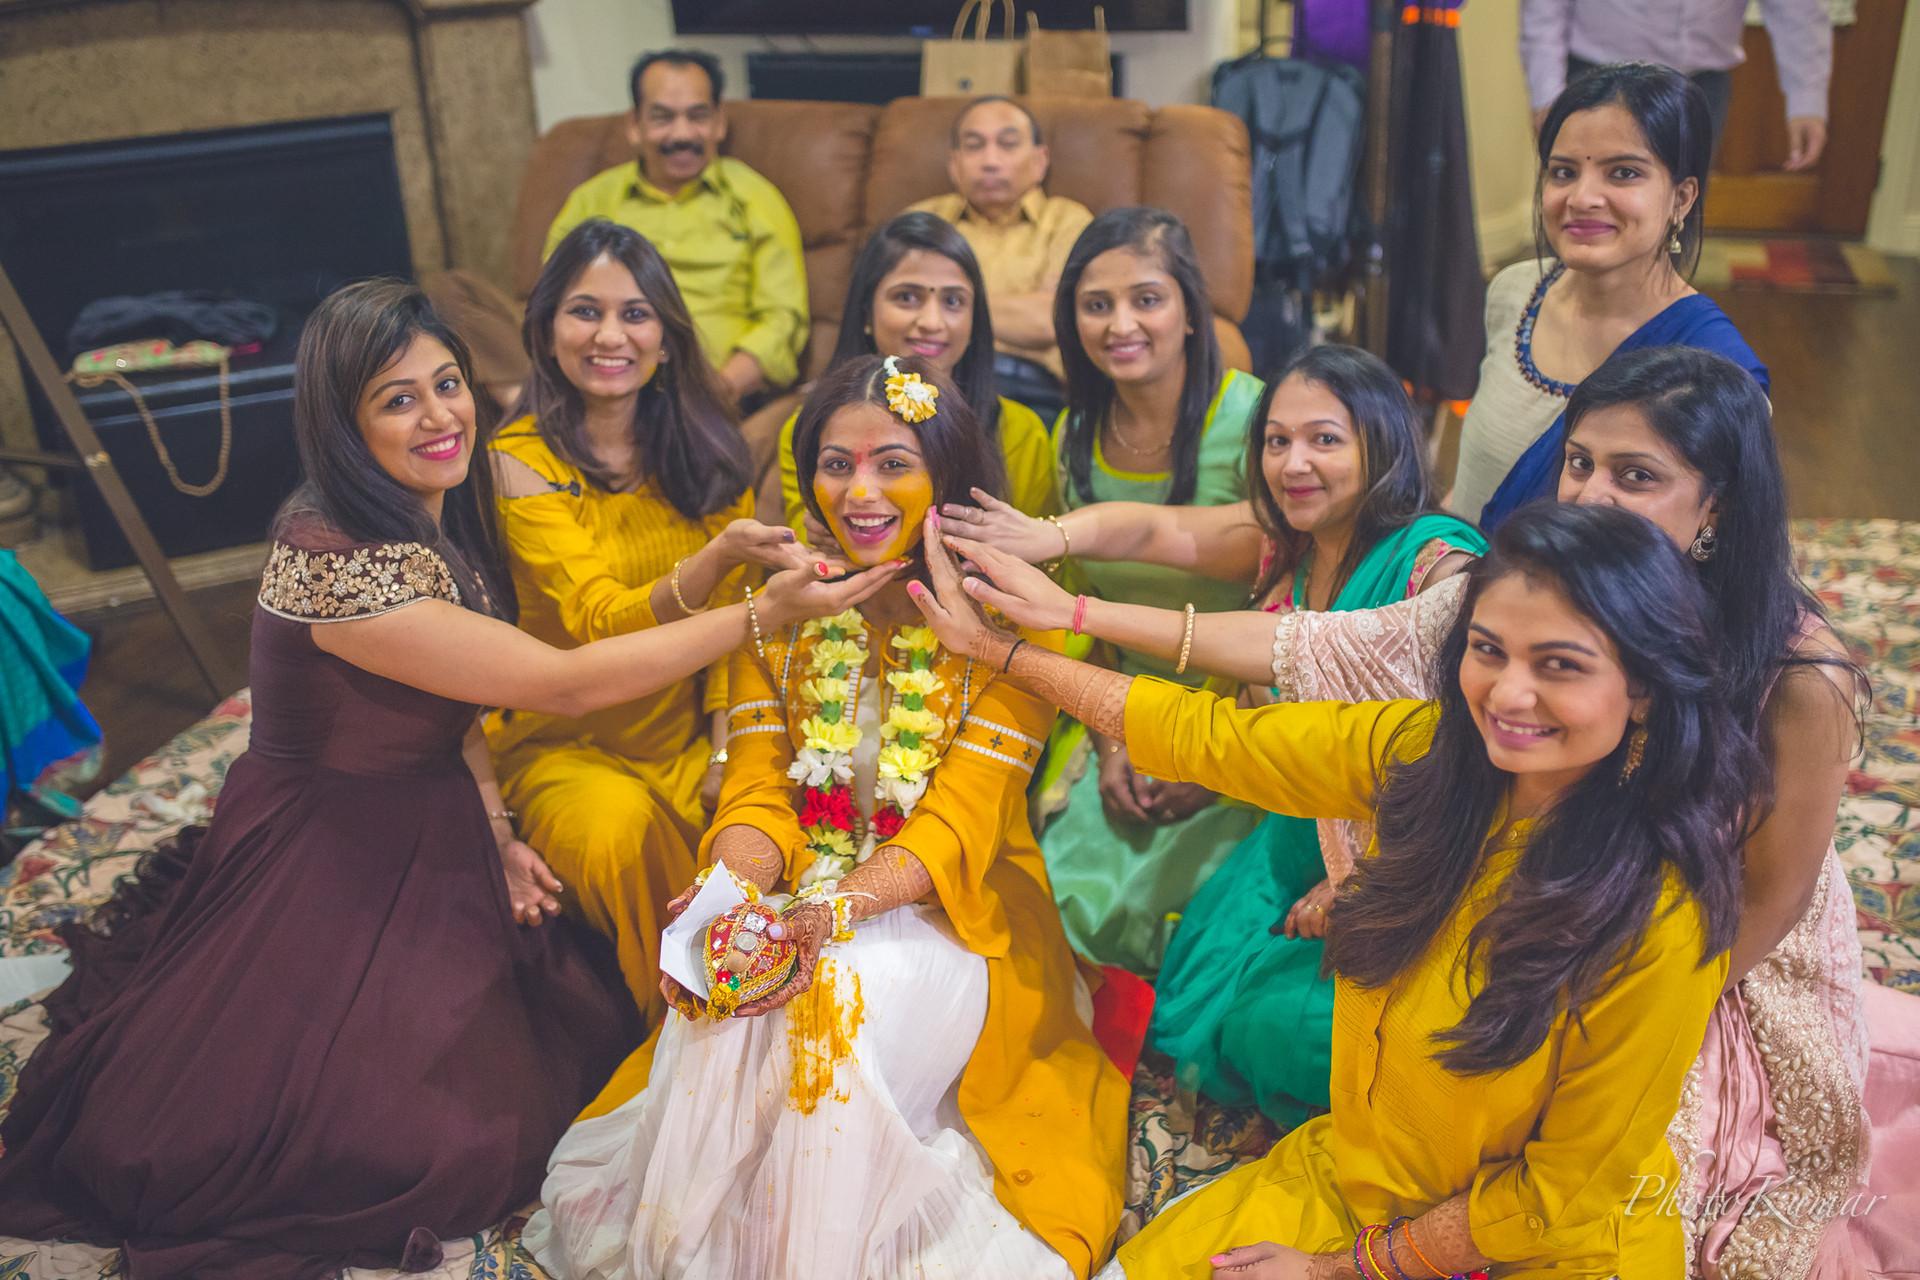 PhotoKumar-Nilam-wedding-dallas-texas-2018-5.jpg